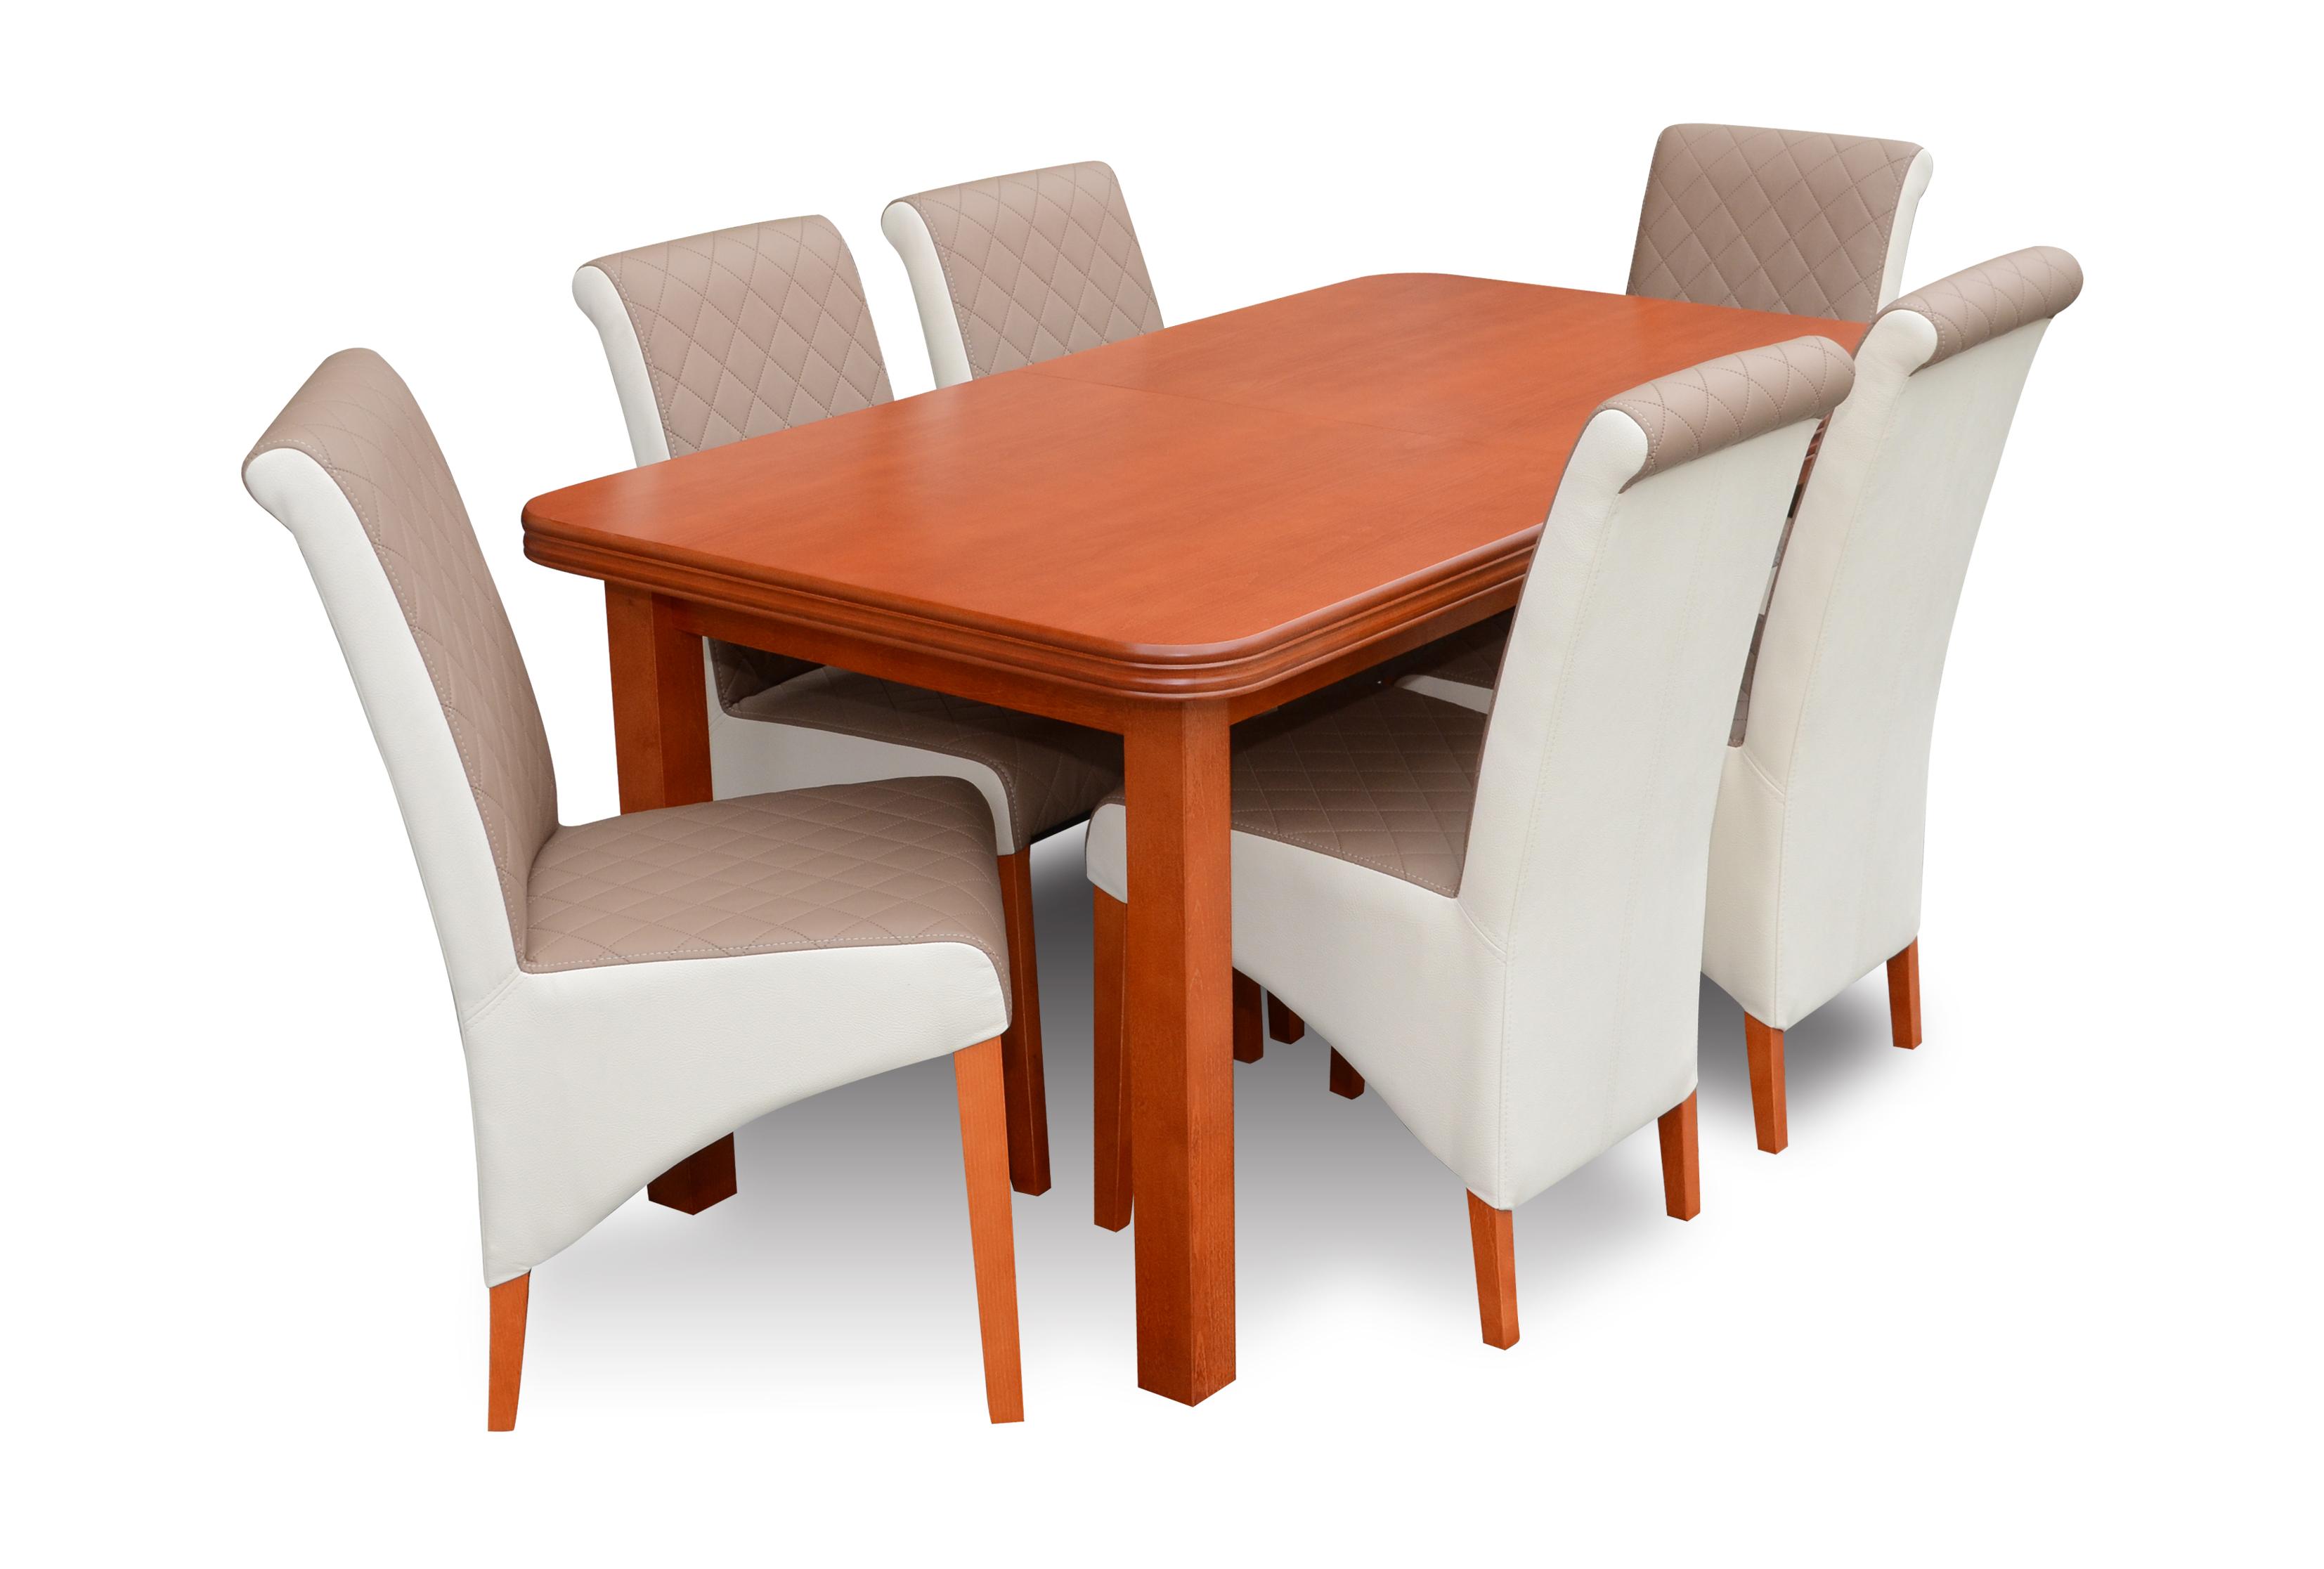 Moderne Holz Tisch Und Stühle Garnitur Esszimmer Set